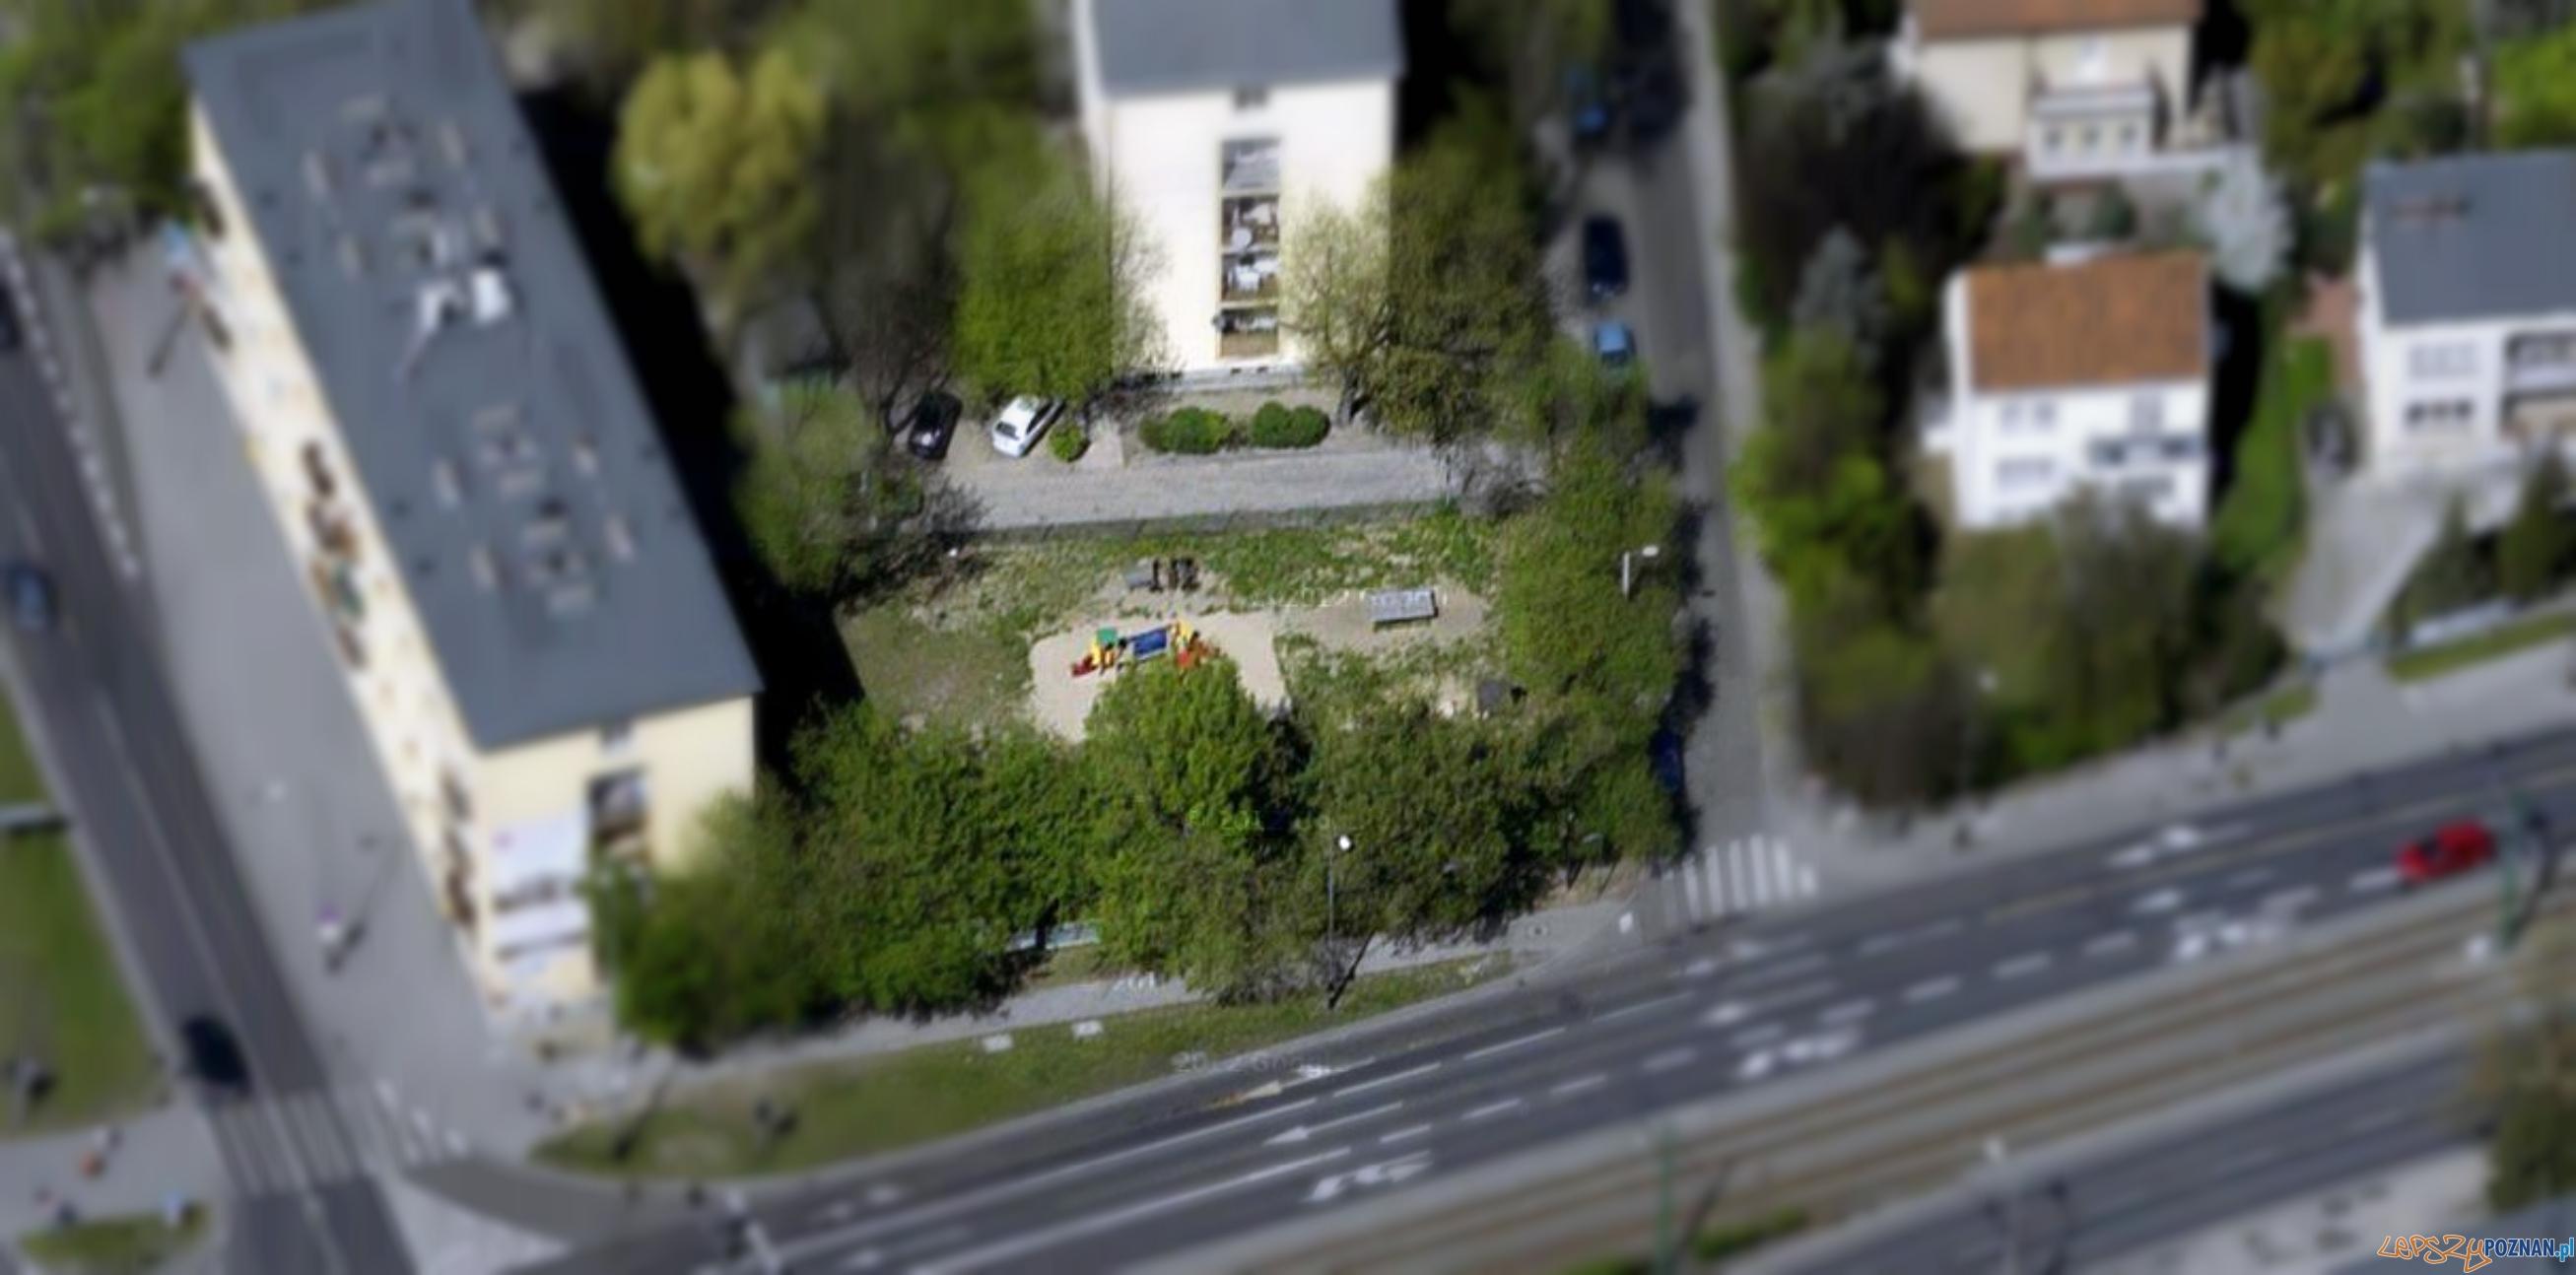 Plac zabaw przy ul. Włodkowica  Foto: Google